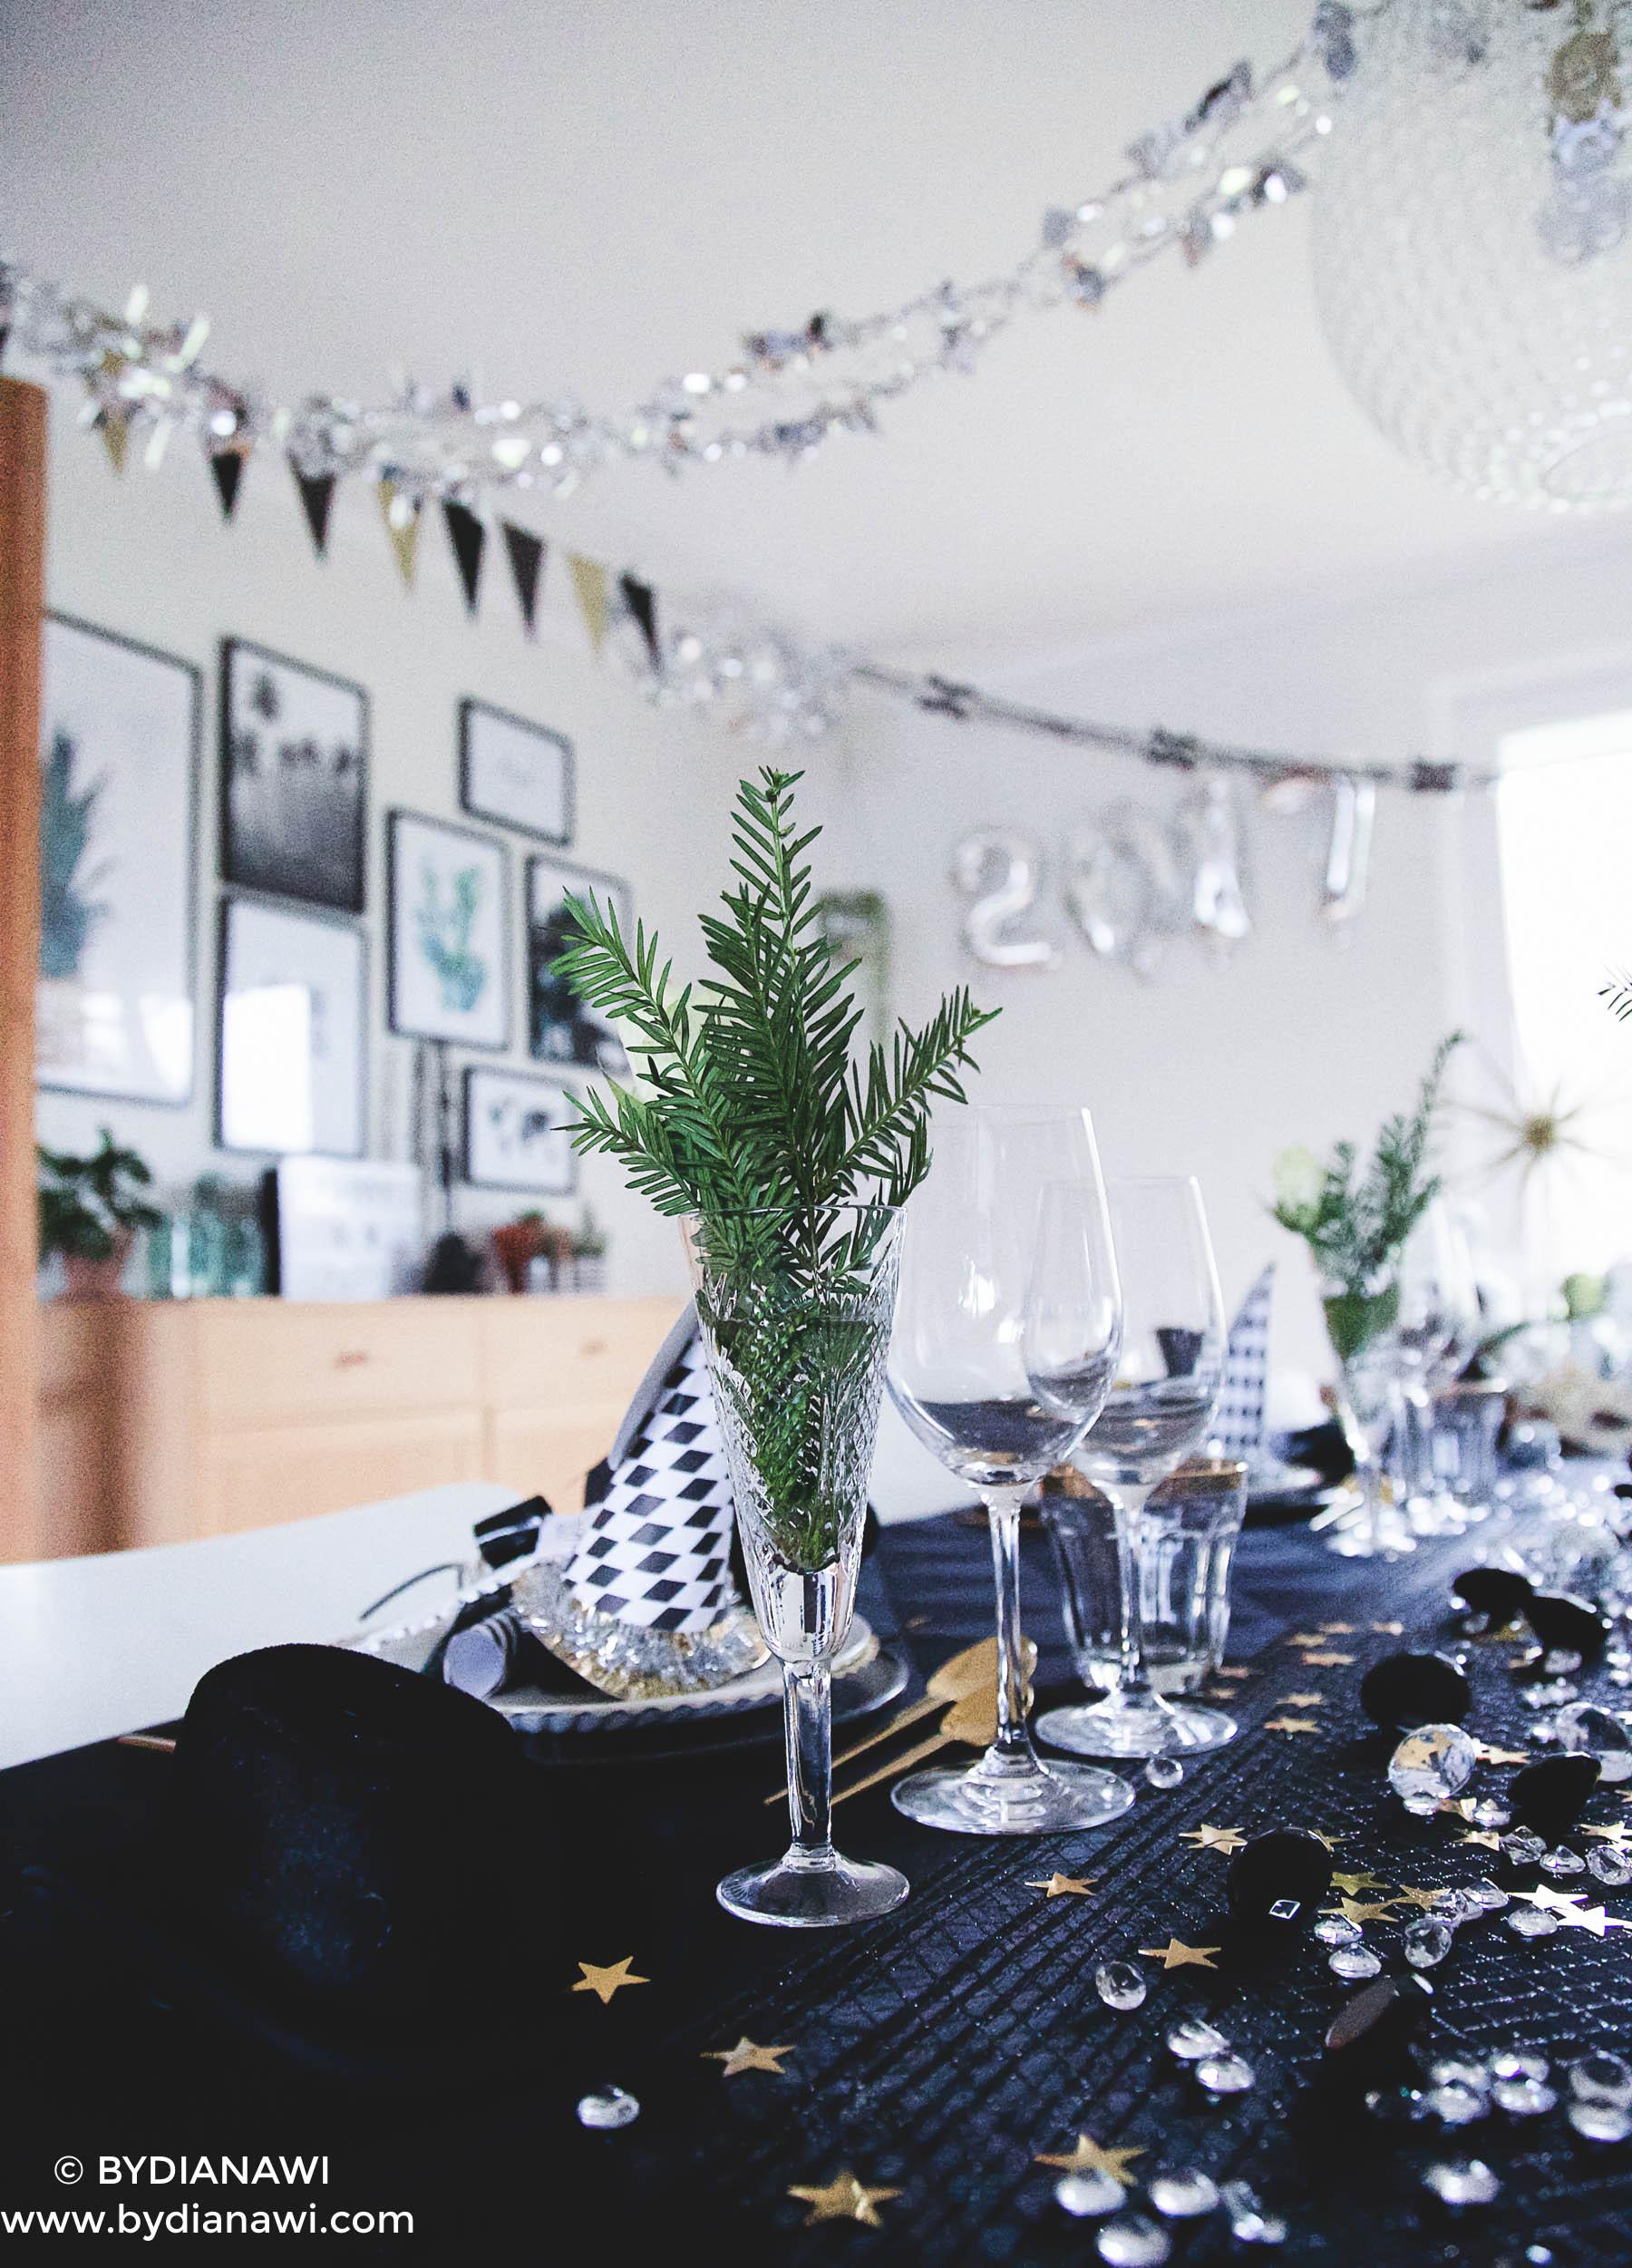 borddækning nytårsaften, inspiration nytårsfest